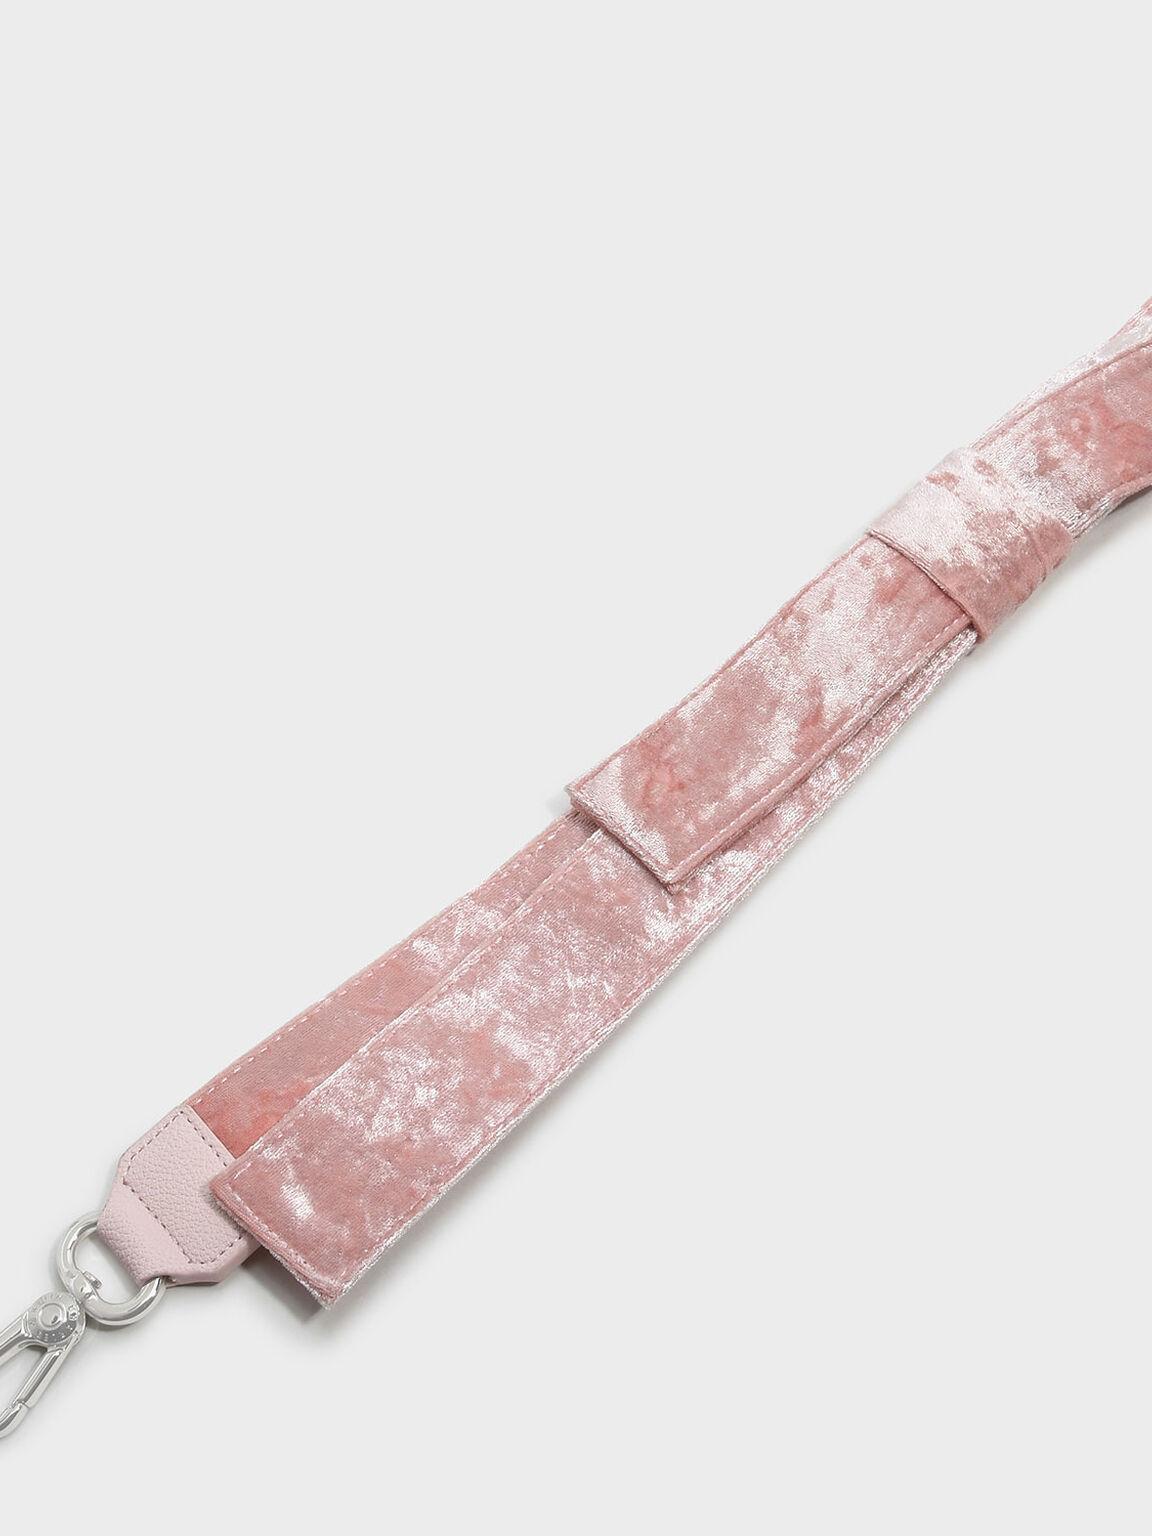 Velvet Knot Bag Strap, Pink, hi-res